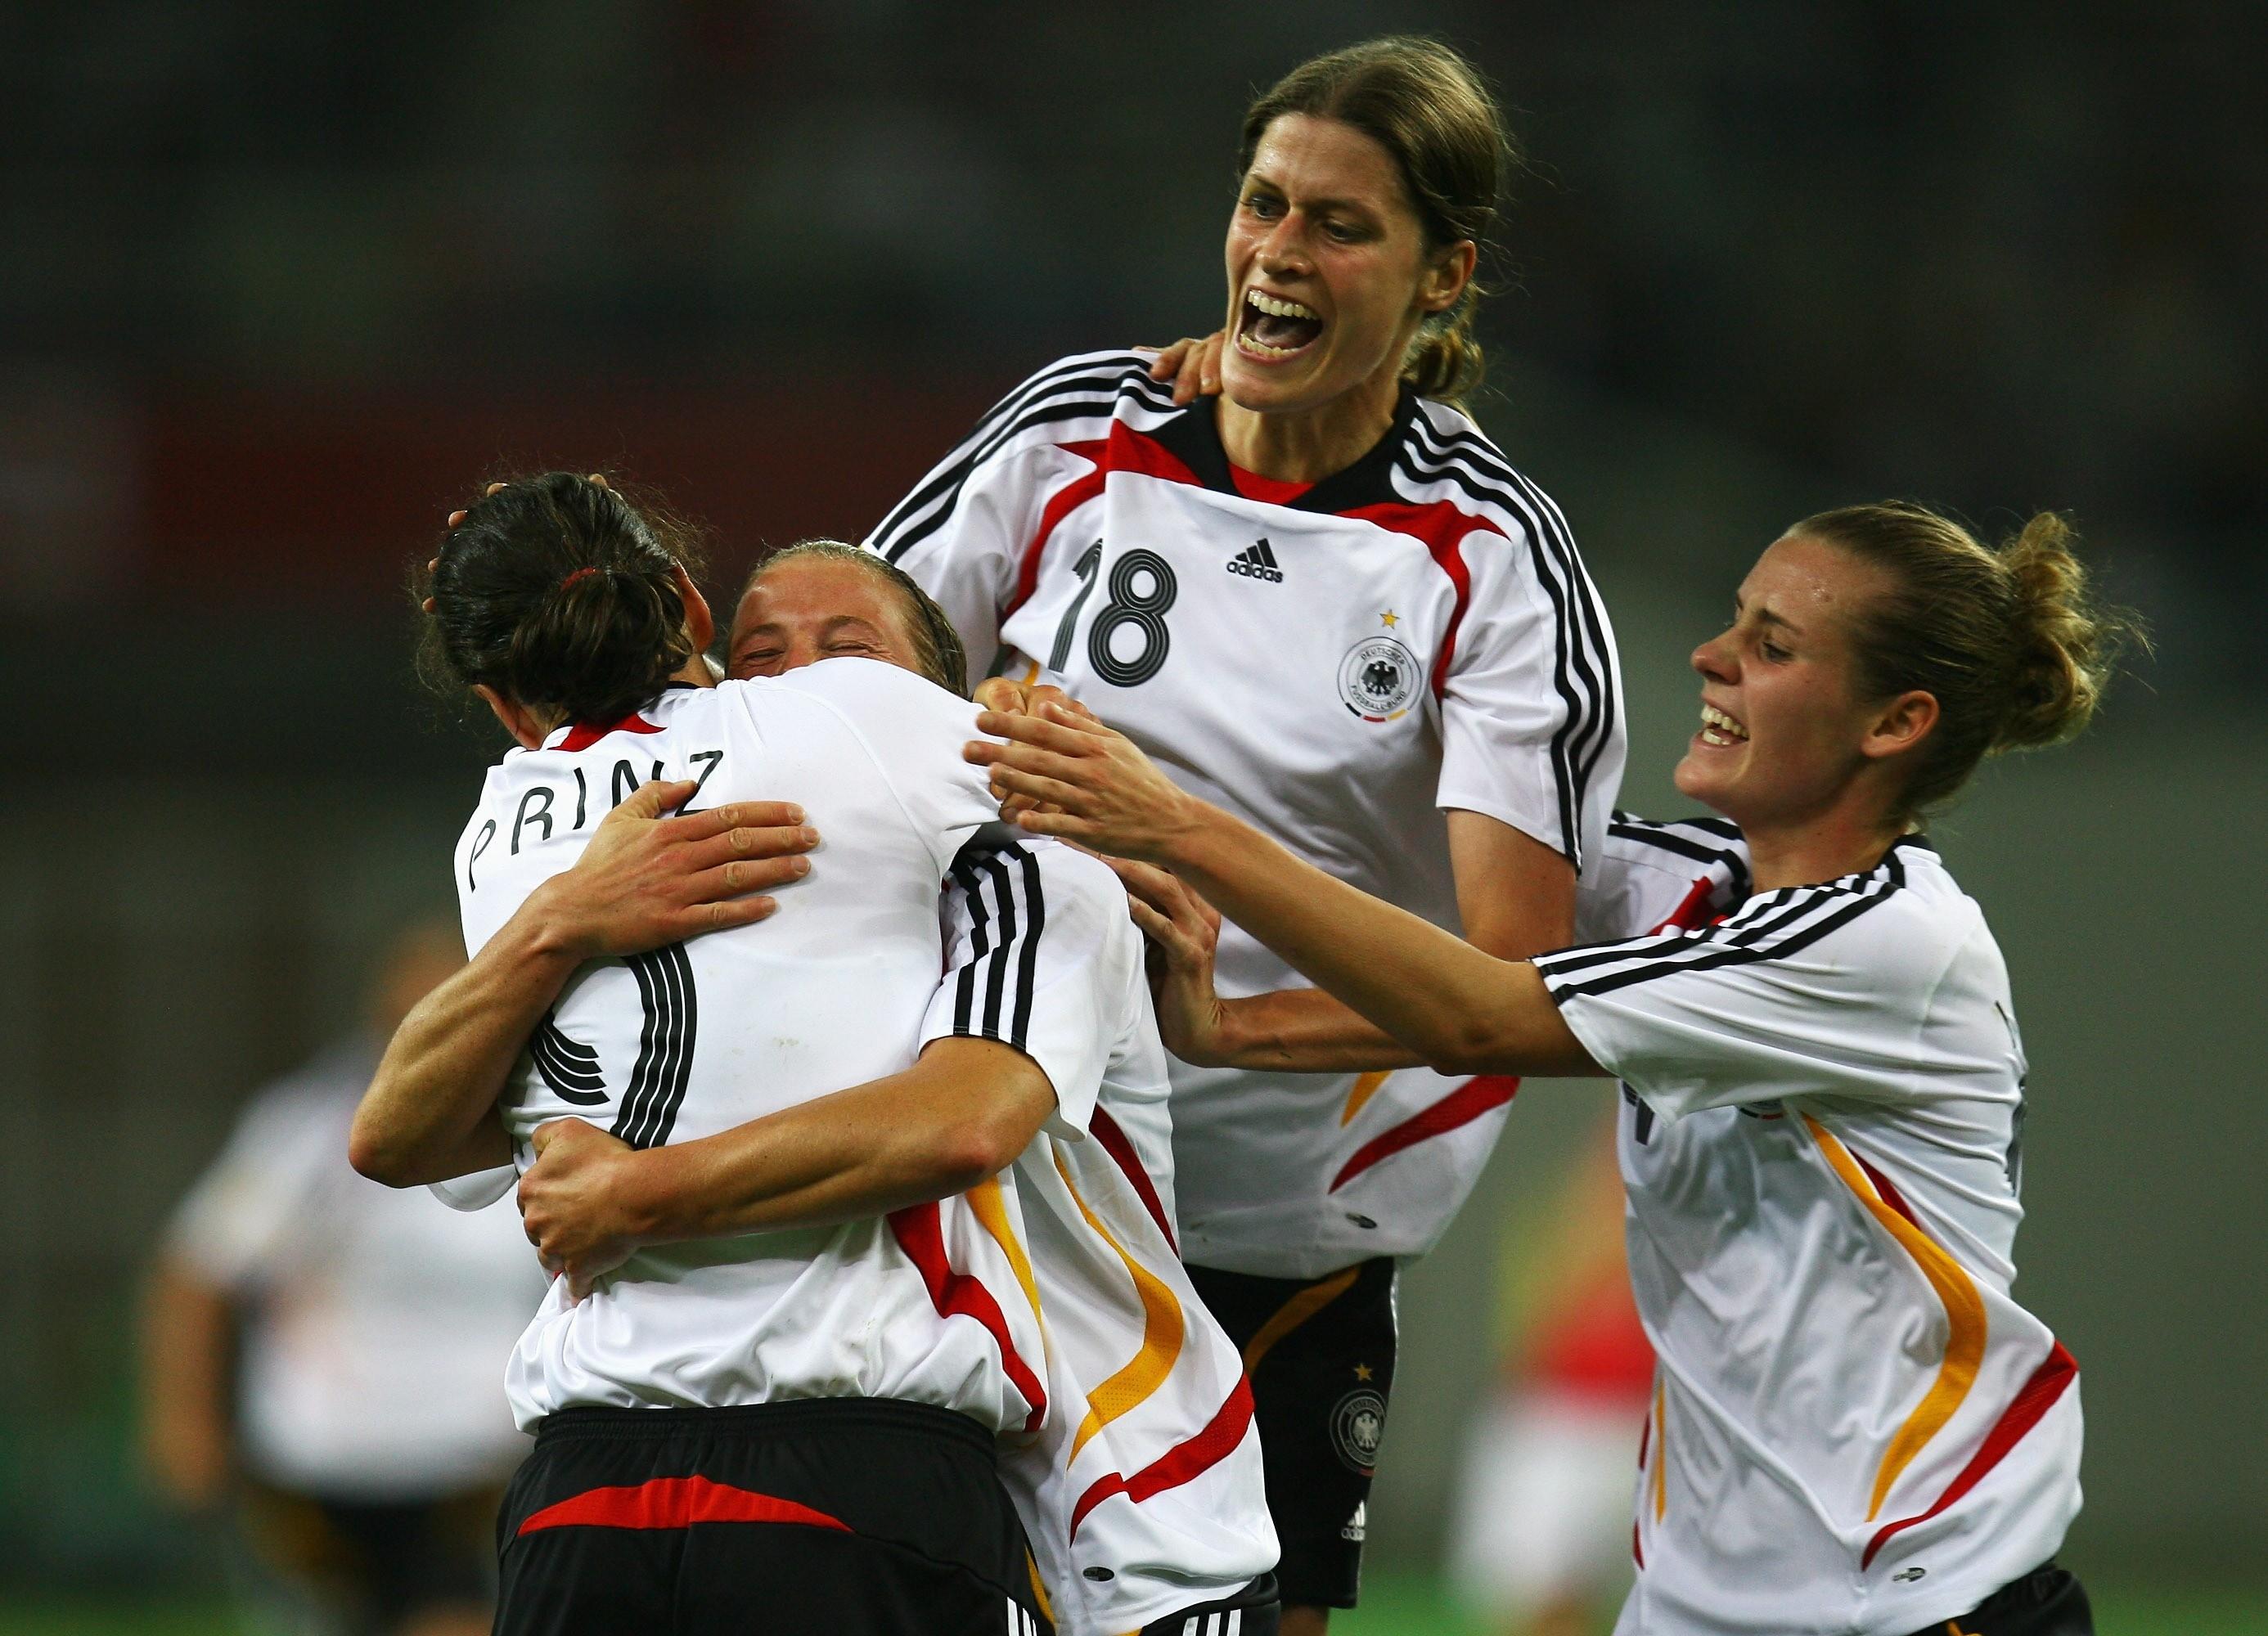 Birgit Prinz, Kerstin Stegemann, Kerstin Garefrekes e Simone Laudehr: jogadoras alemãs durante semifinal da Copa do Mundo de Futebol Feminino contra a Noruega; As alemãs terminaram o torneio como campeãs  (Foto: Foto: Getty Images)